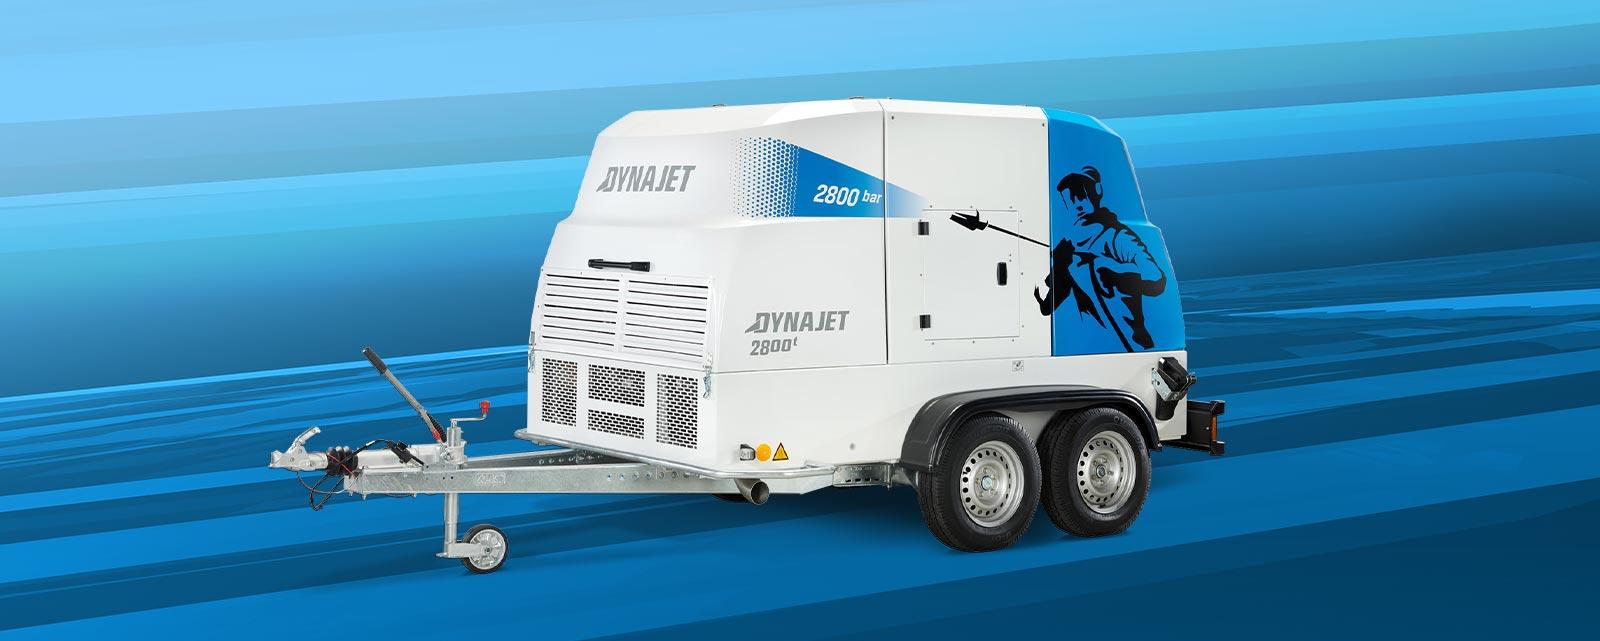 Die DYNAJET UHP – die Königsklasse– überzeugt mit bis zu 3.000 bar Arbeitsdruck und einer maximalen Fördermenge von 88 l/m durch ihre Funktionalität, Leistung und Wirtschaftlichkeit